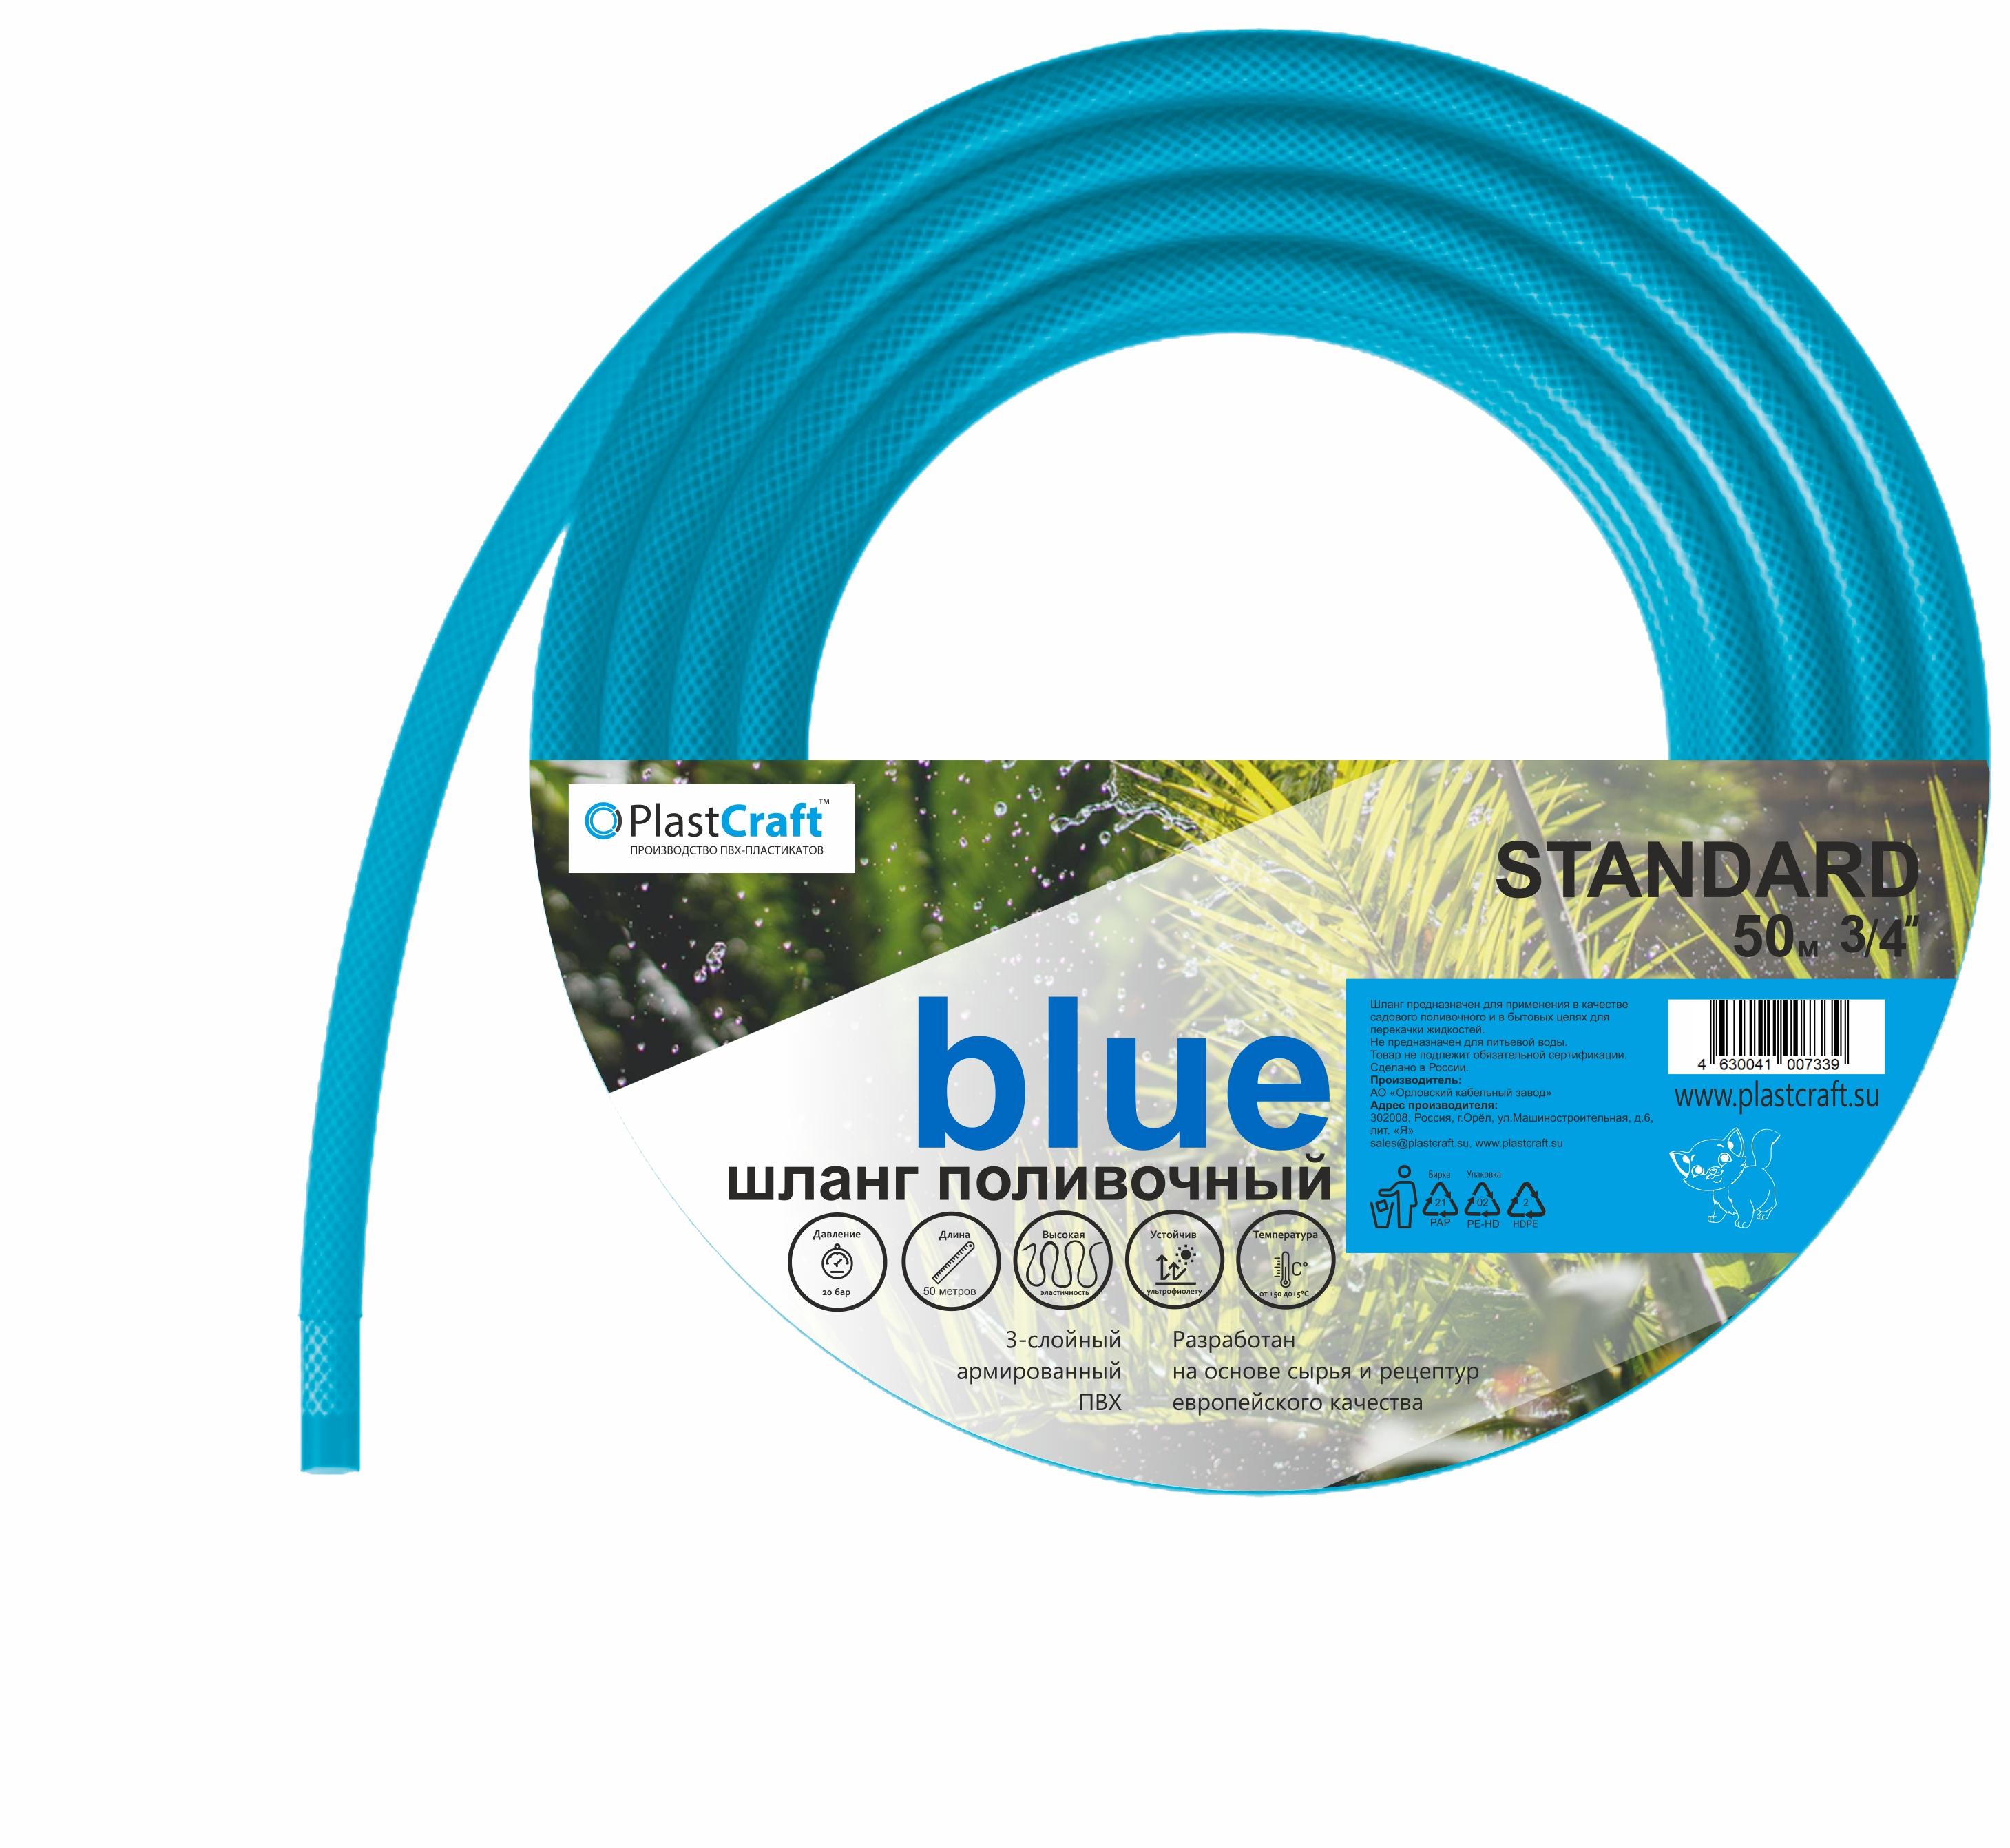 """картинка Шланг поливочный армированный 3 слойный ПВХ 1/2"""", 50 м, """"Standard-Blue"""" // PlastCraft от от PlastCraft"""